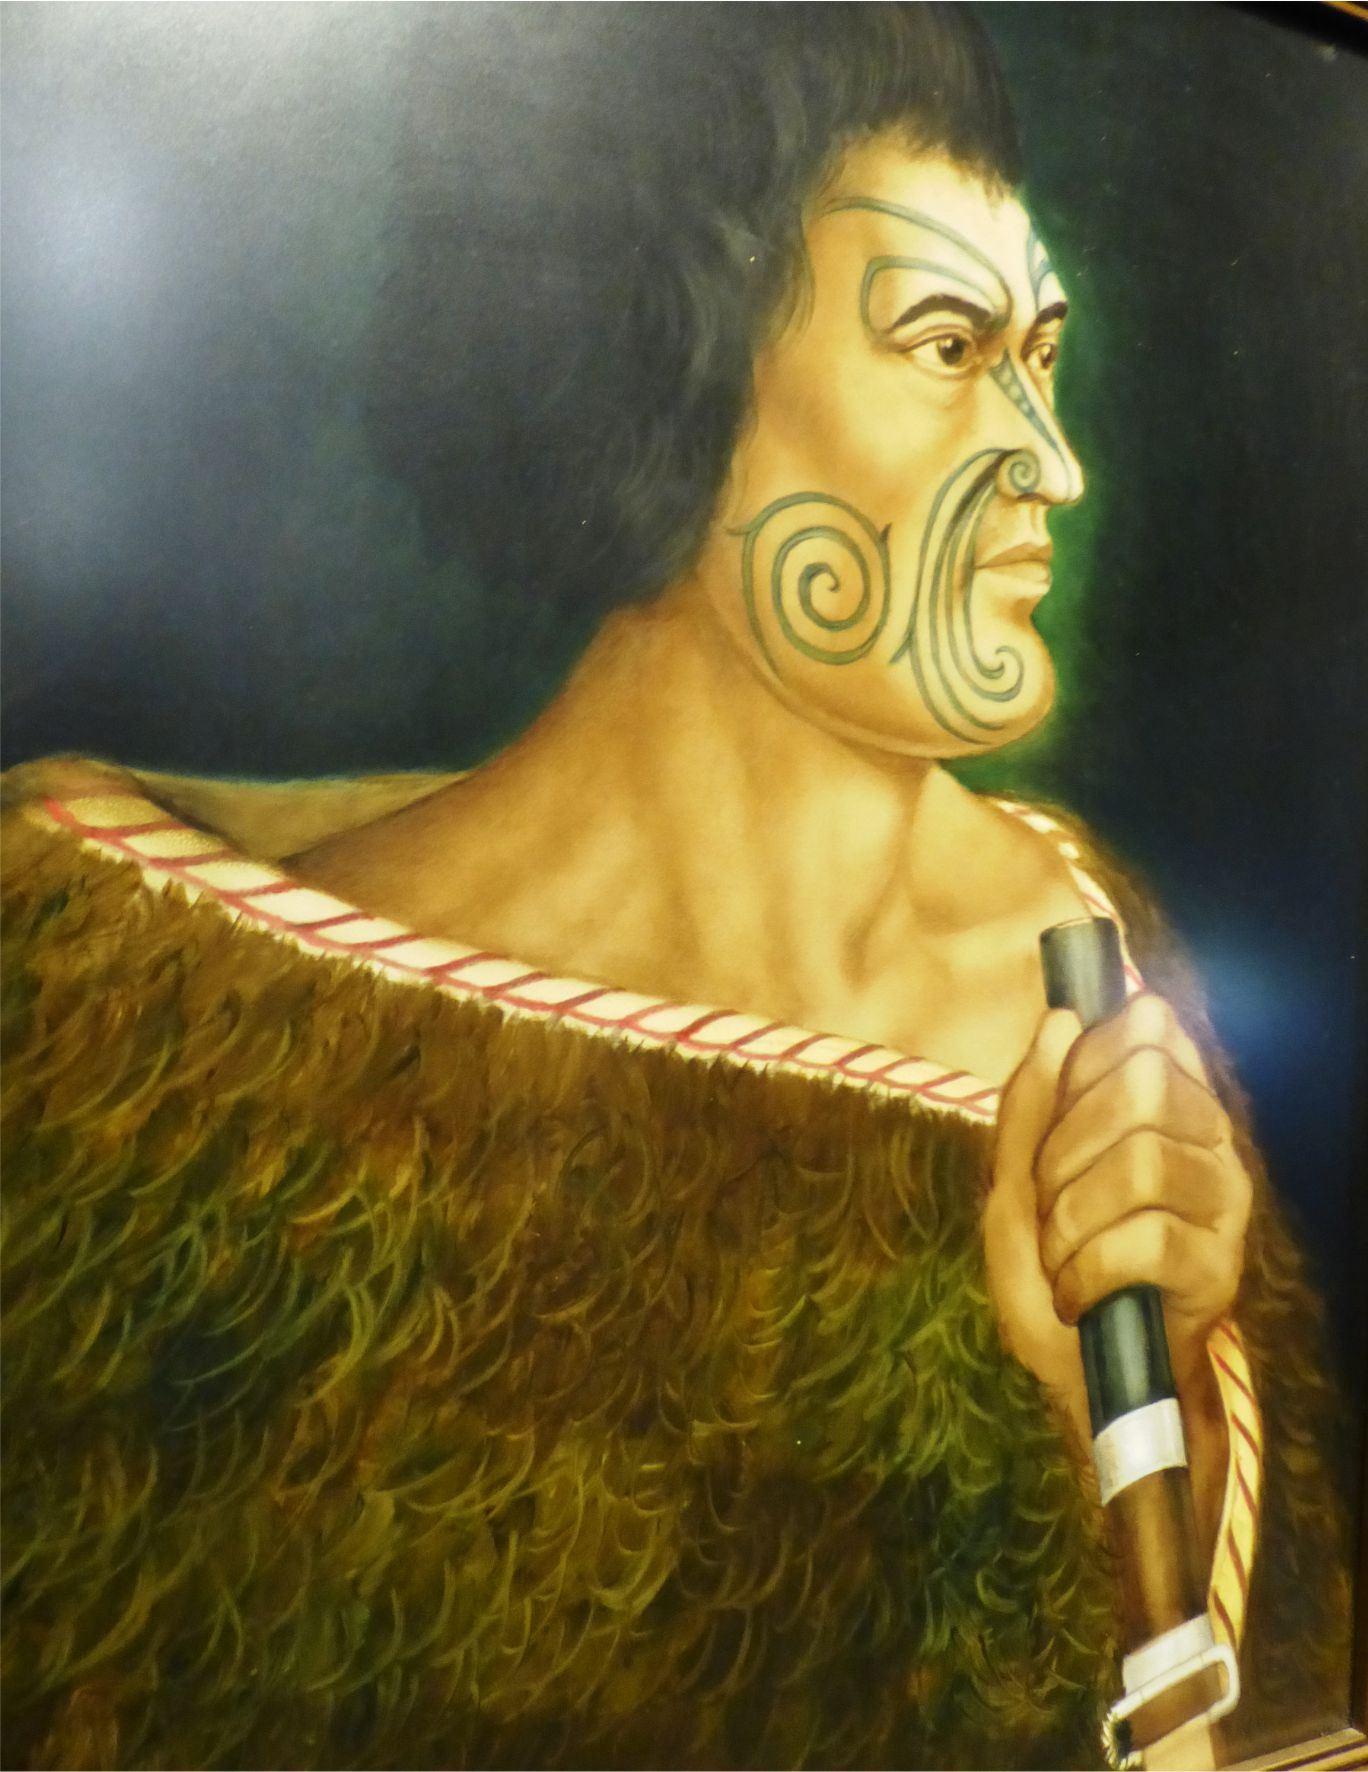 Charming Maori Krieger Reference Of Ein Deutliches Symbol Des Widerstandes Bestand Darin,